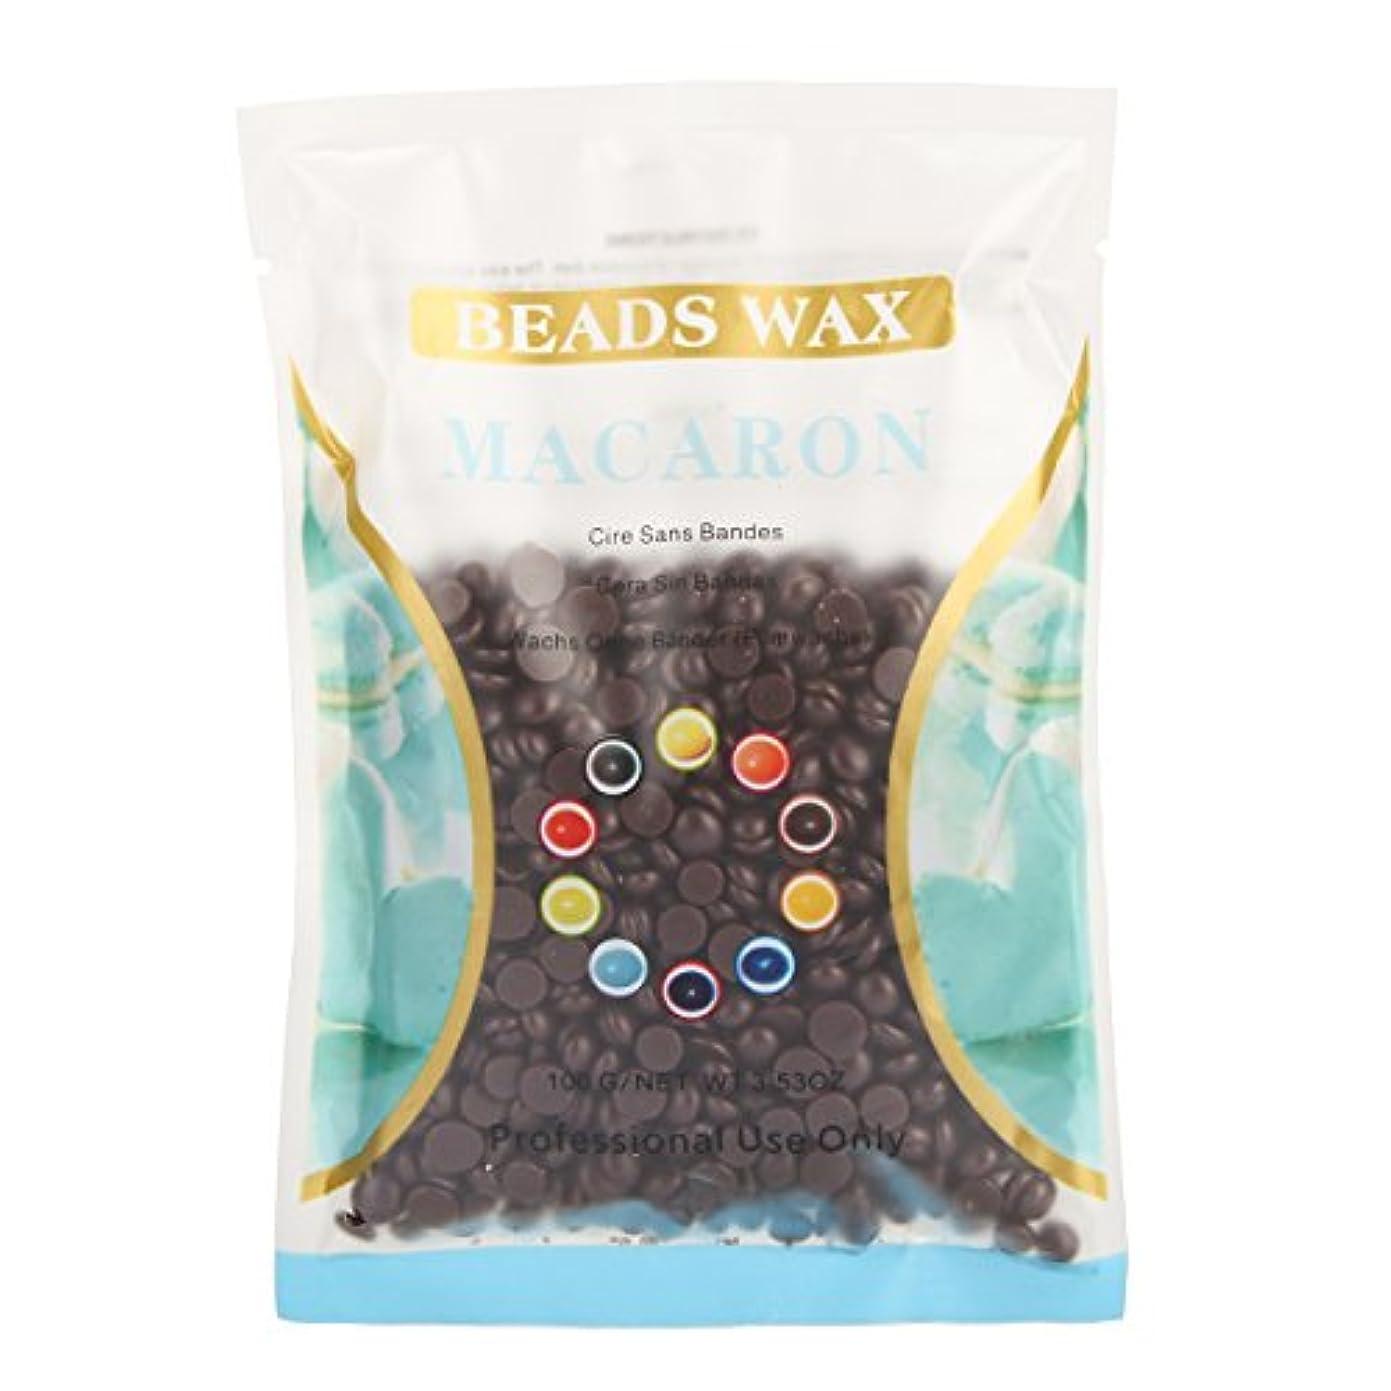 有毒束シャワー(アーニェメイ)Bonjanvye ワックス メンズ ハード 100g 脱毛 ワックス 鼻毛 ブラジリアン ハードワックス-チョコレート